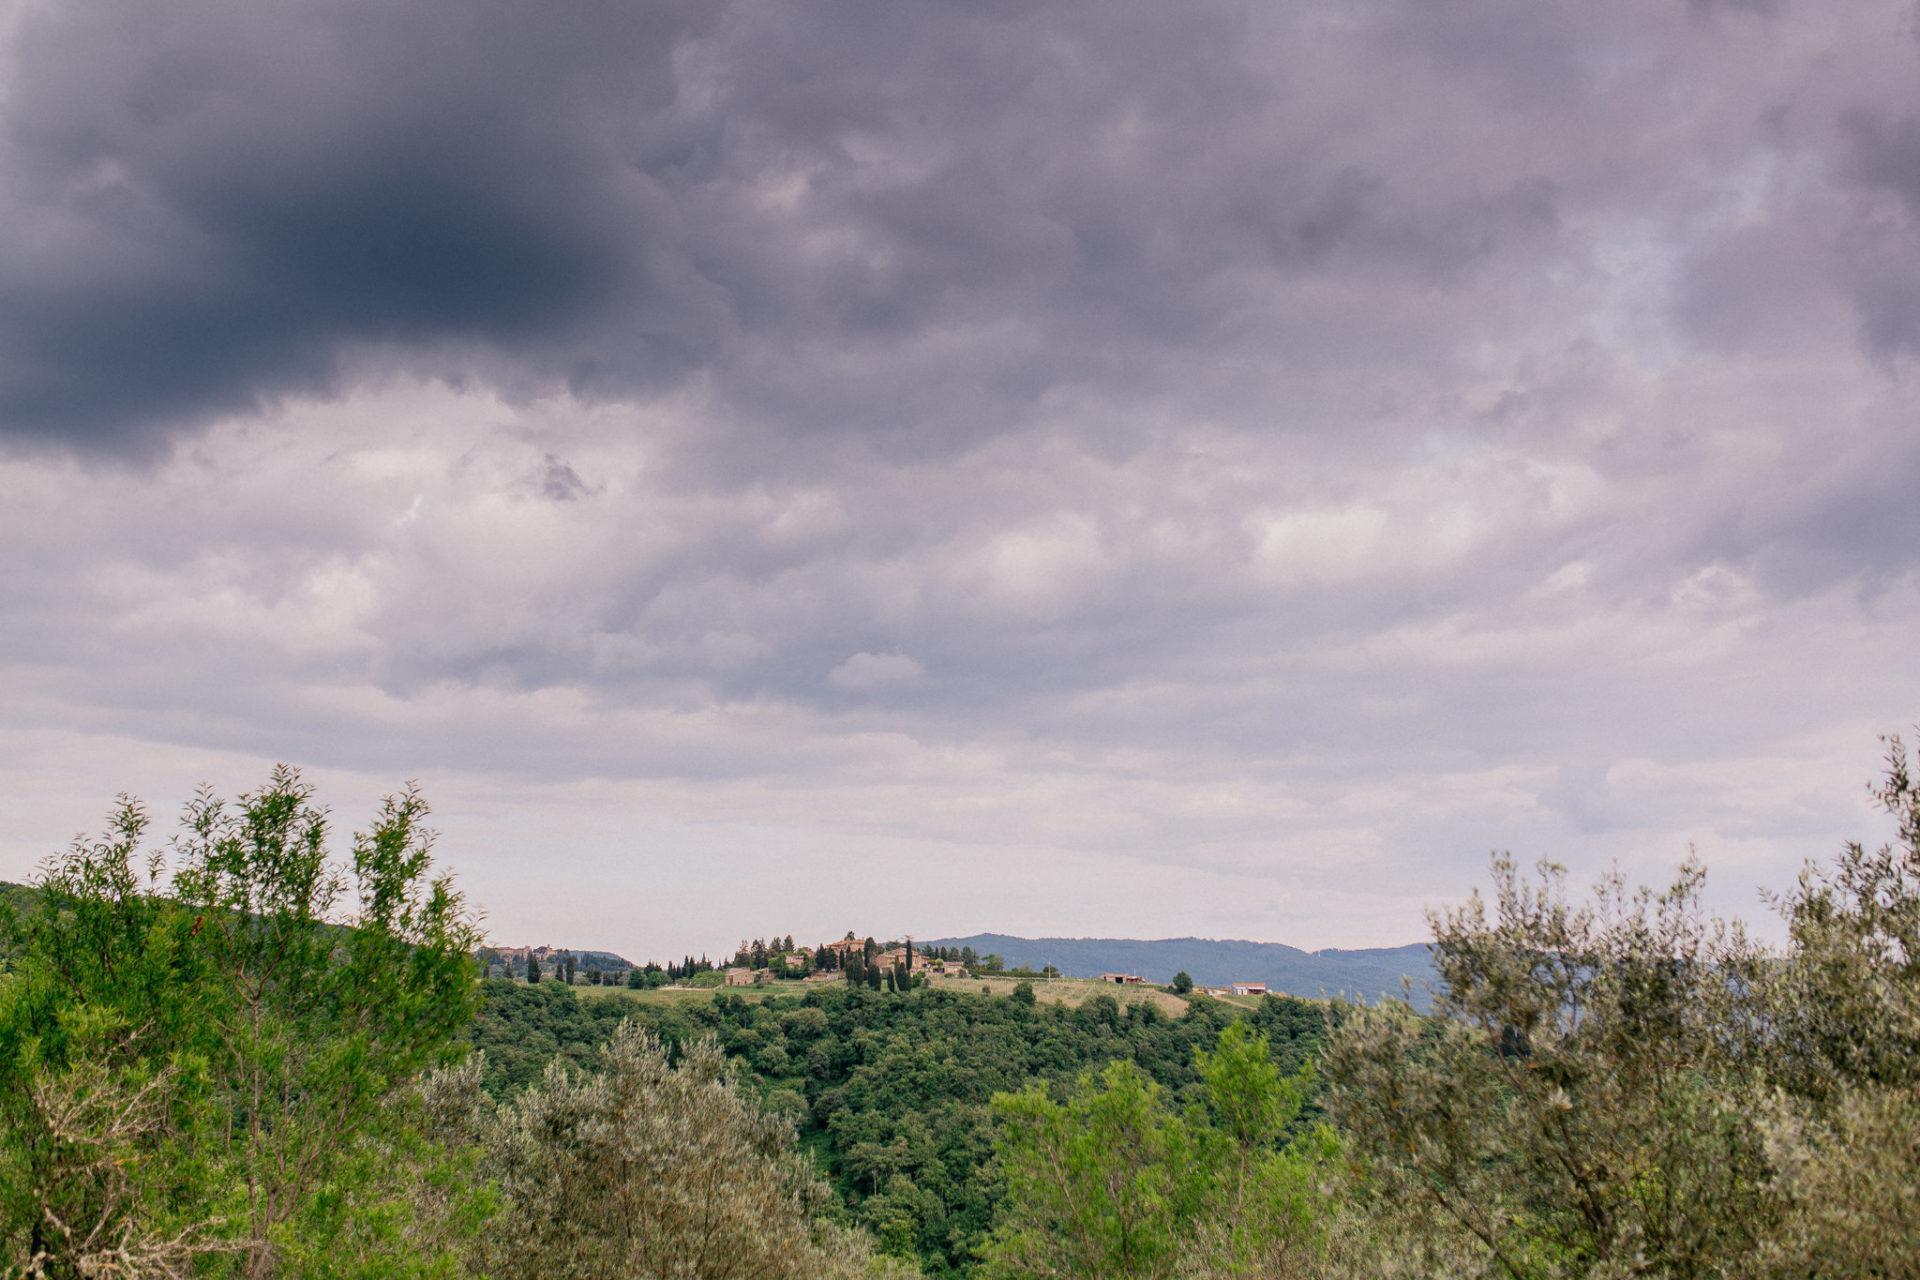 europa roadtrip mit hund-toskana entdecken-hochzeitsfotograf Toskana-chianti wandern-weingüter touren